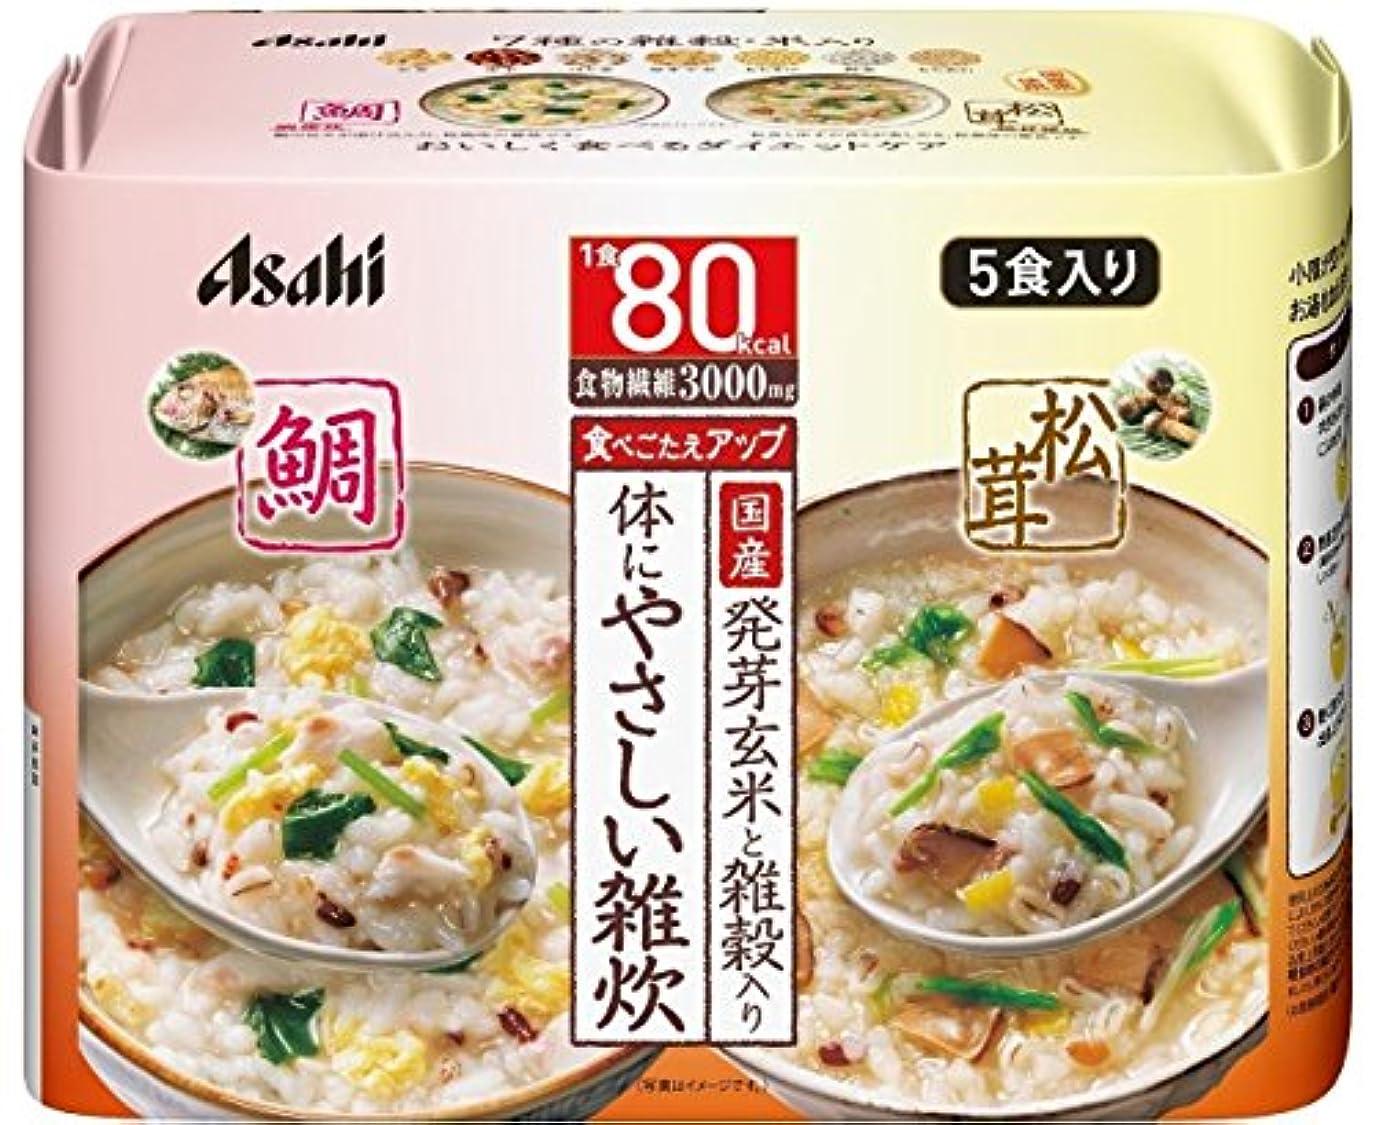 フレット死んでいる振り子アサヒグループ食品 リセットボディ 体にやさしい鯛&松茸雑炊 5食